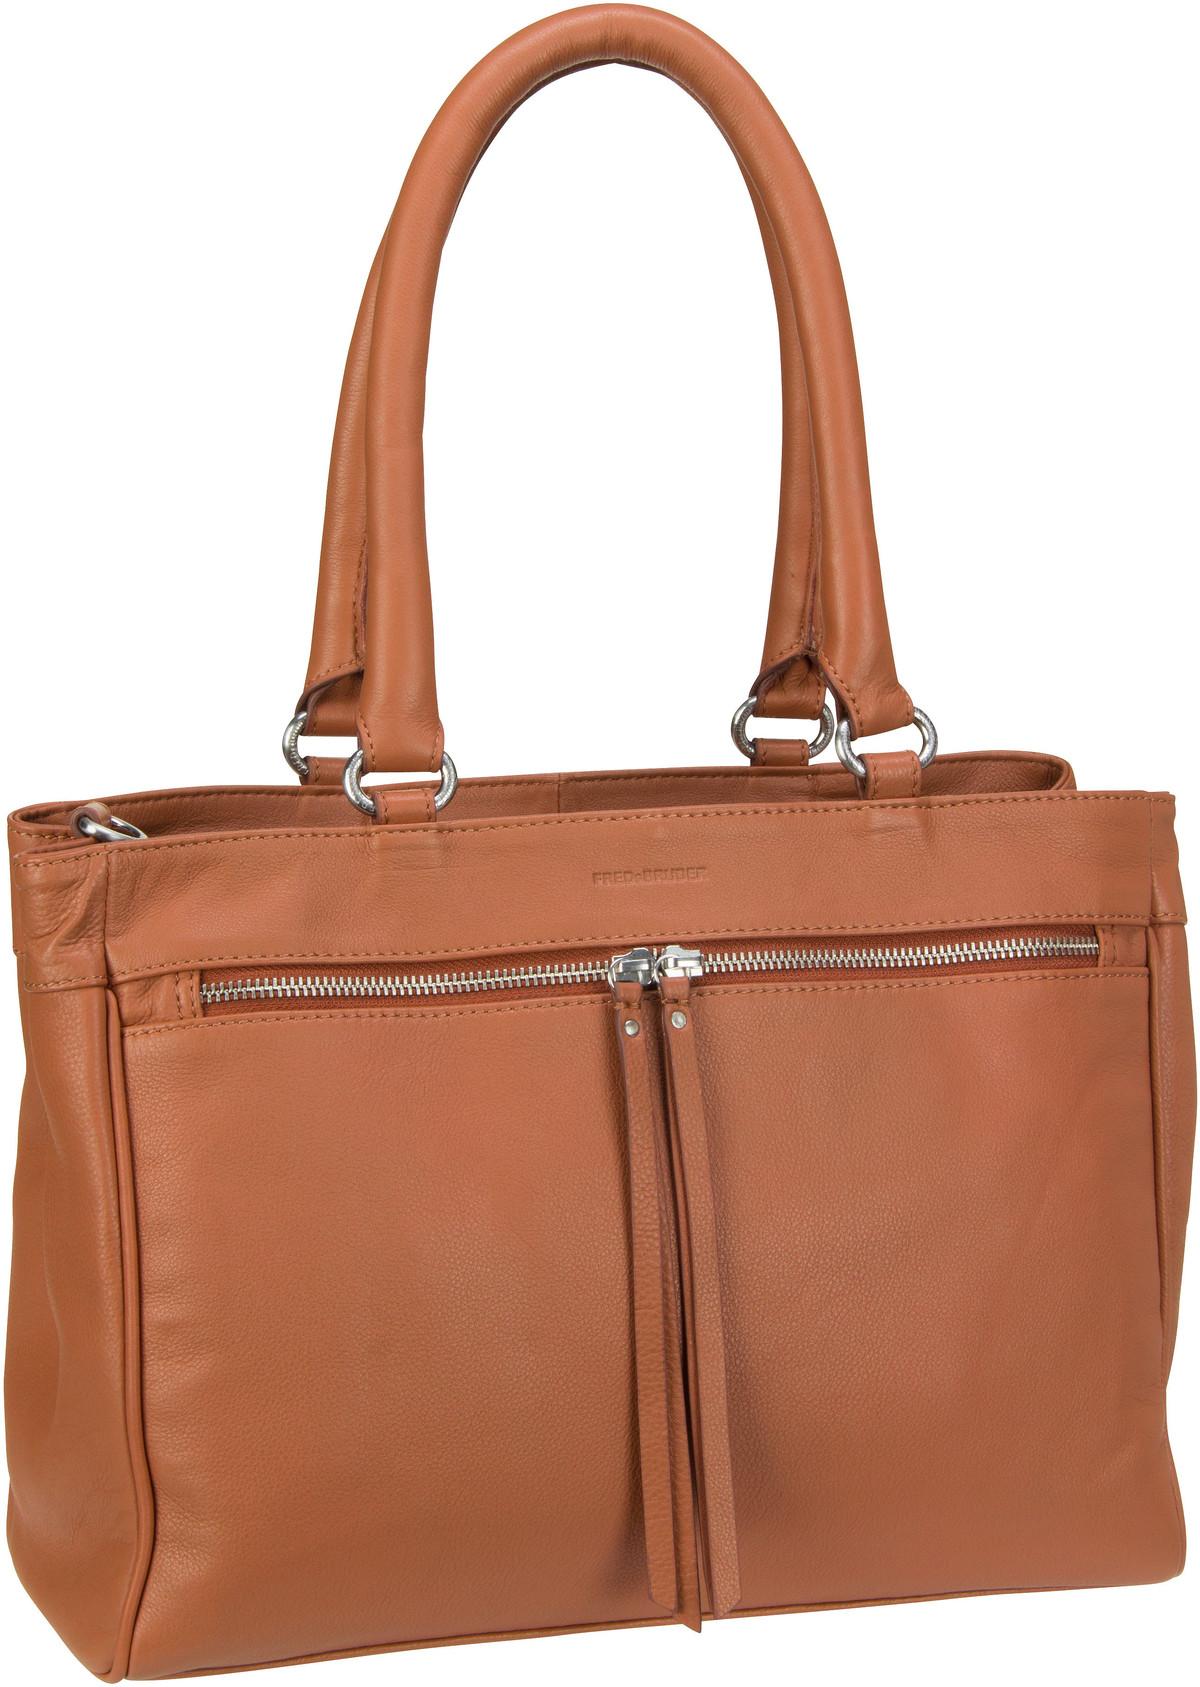 Handtasche Take It Easy Dark Camel